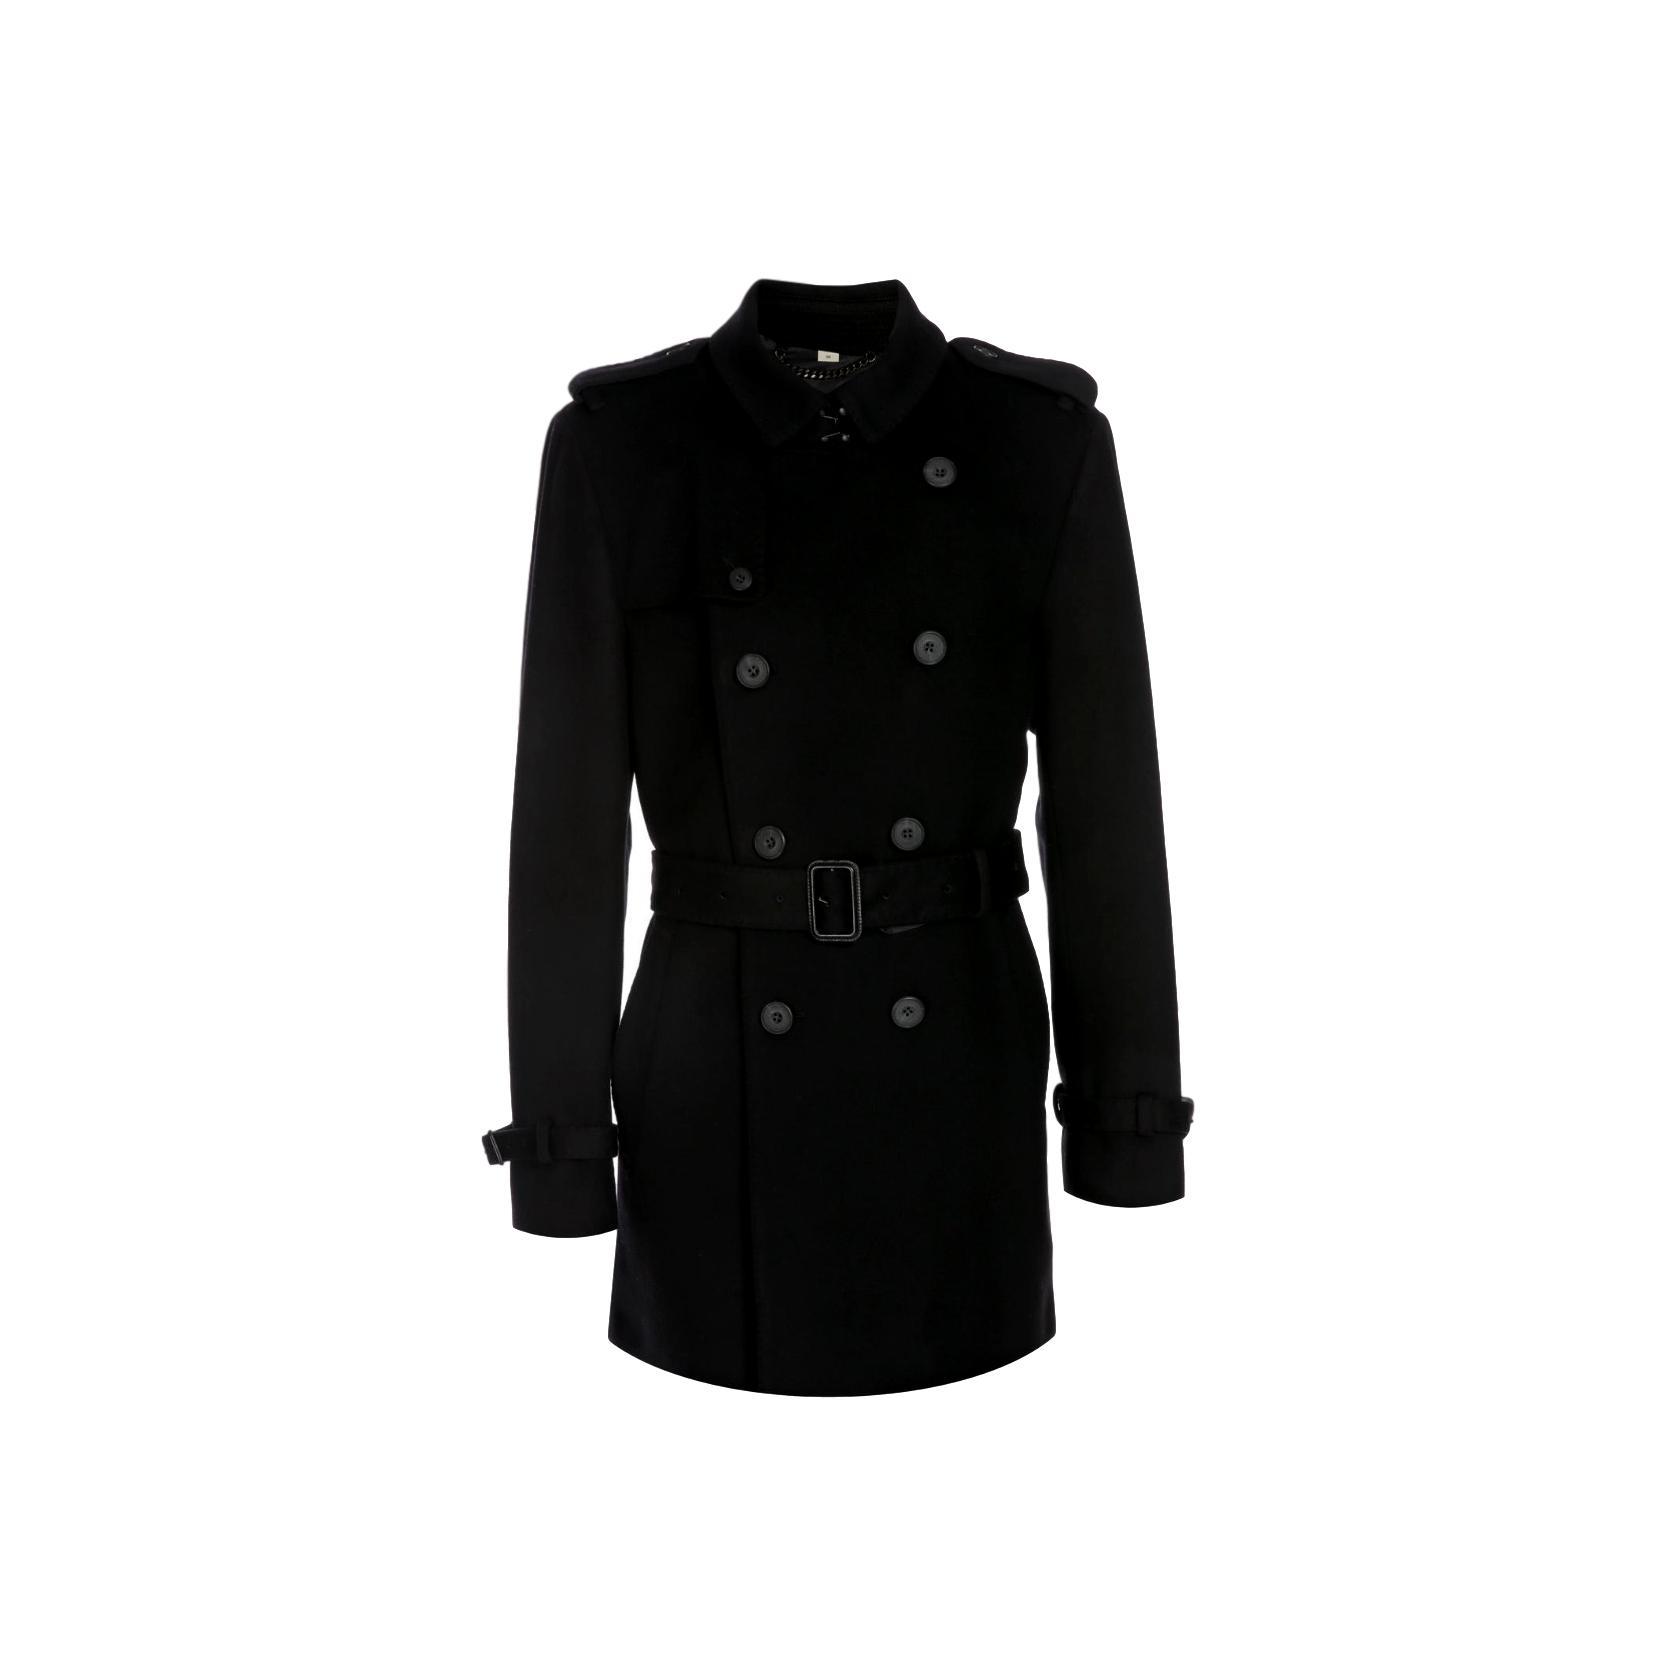 7cbe6e4c9446 Купить плащ, пальто Burberry за 28000 руб. в интернет магазине ...